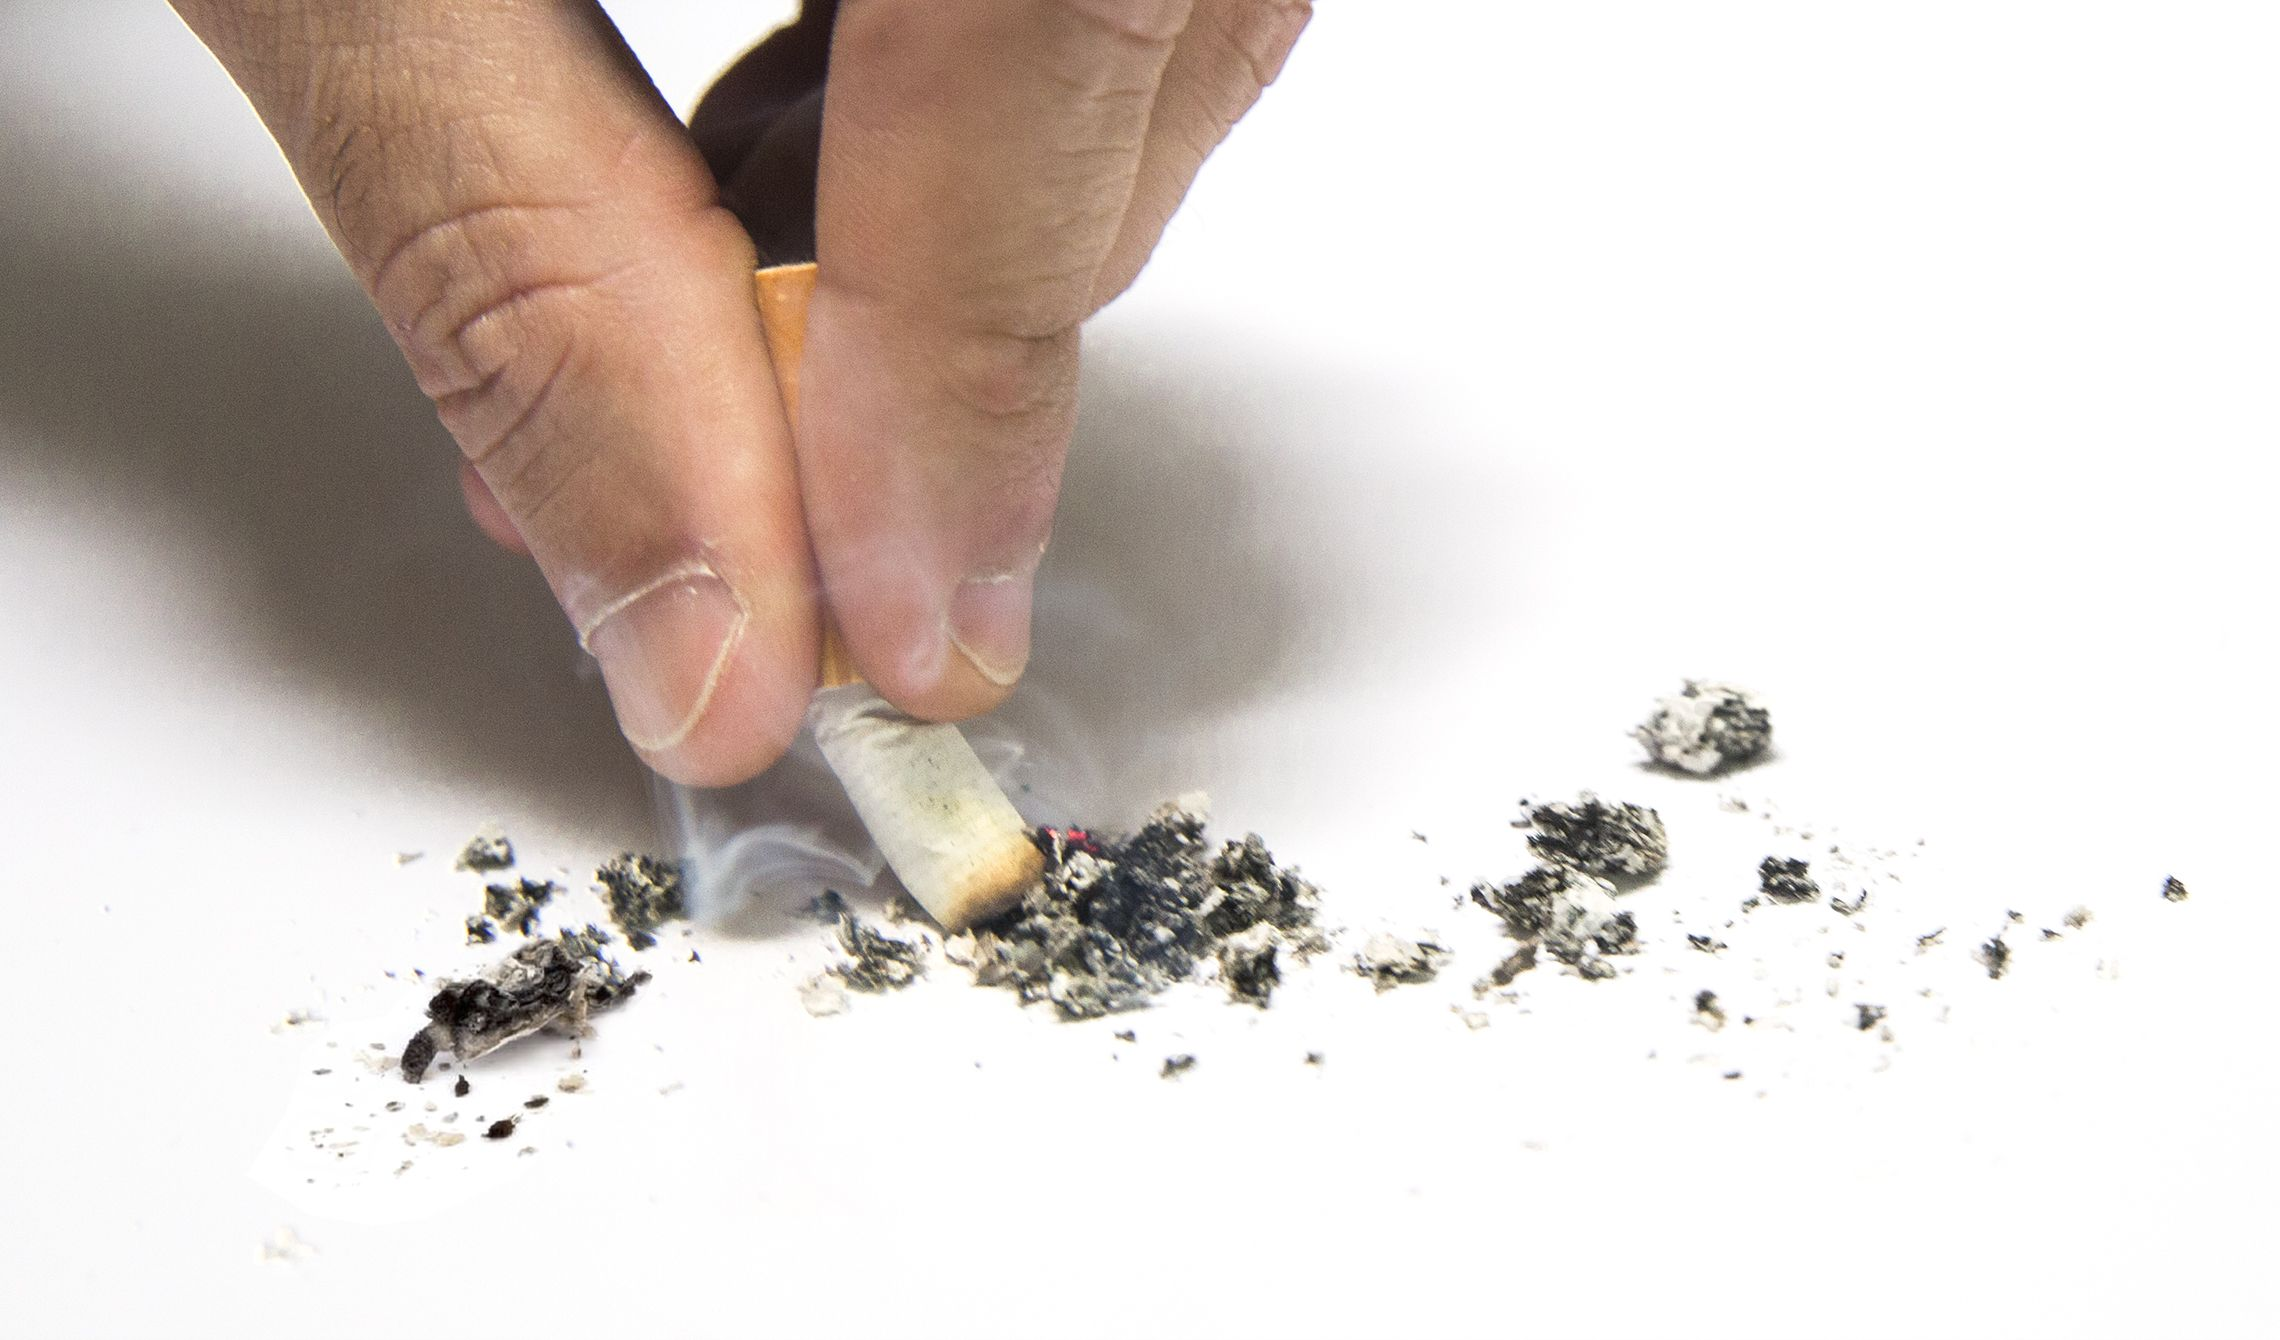 Tras los aumentos, lanzan políticas para desalentar el consumo del tabaco